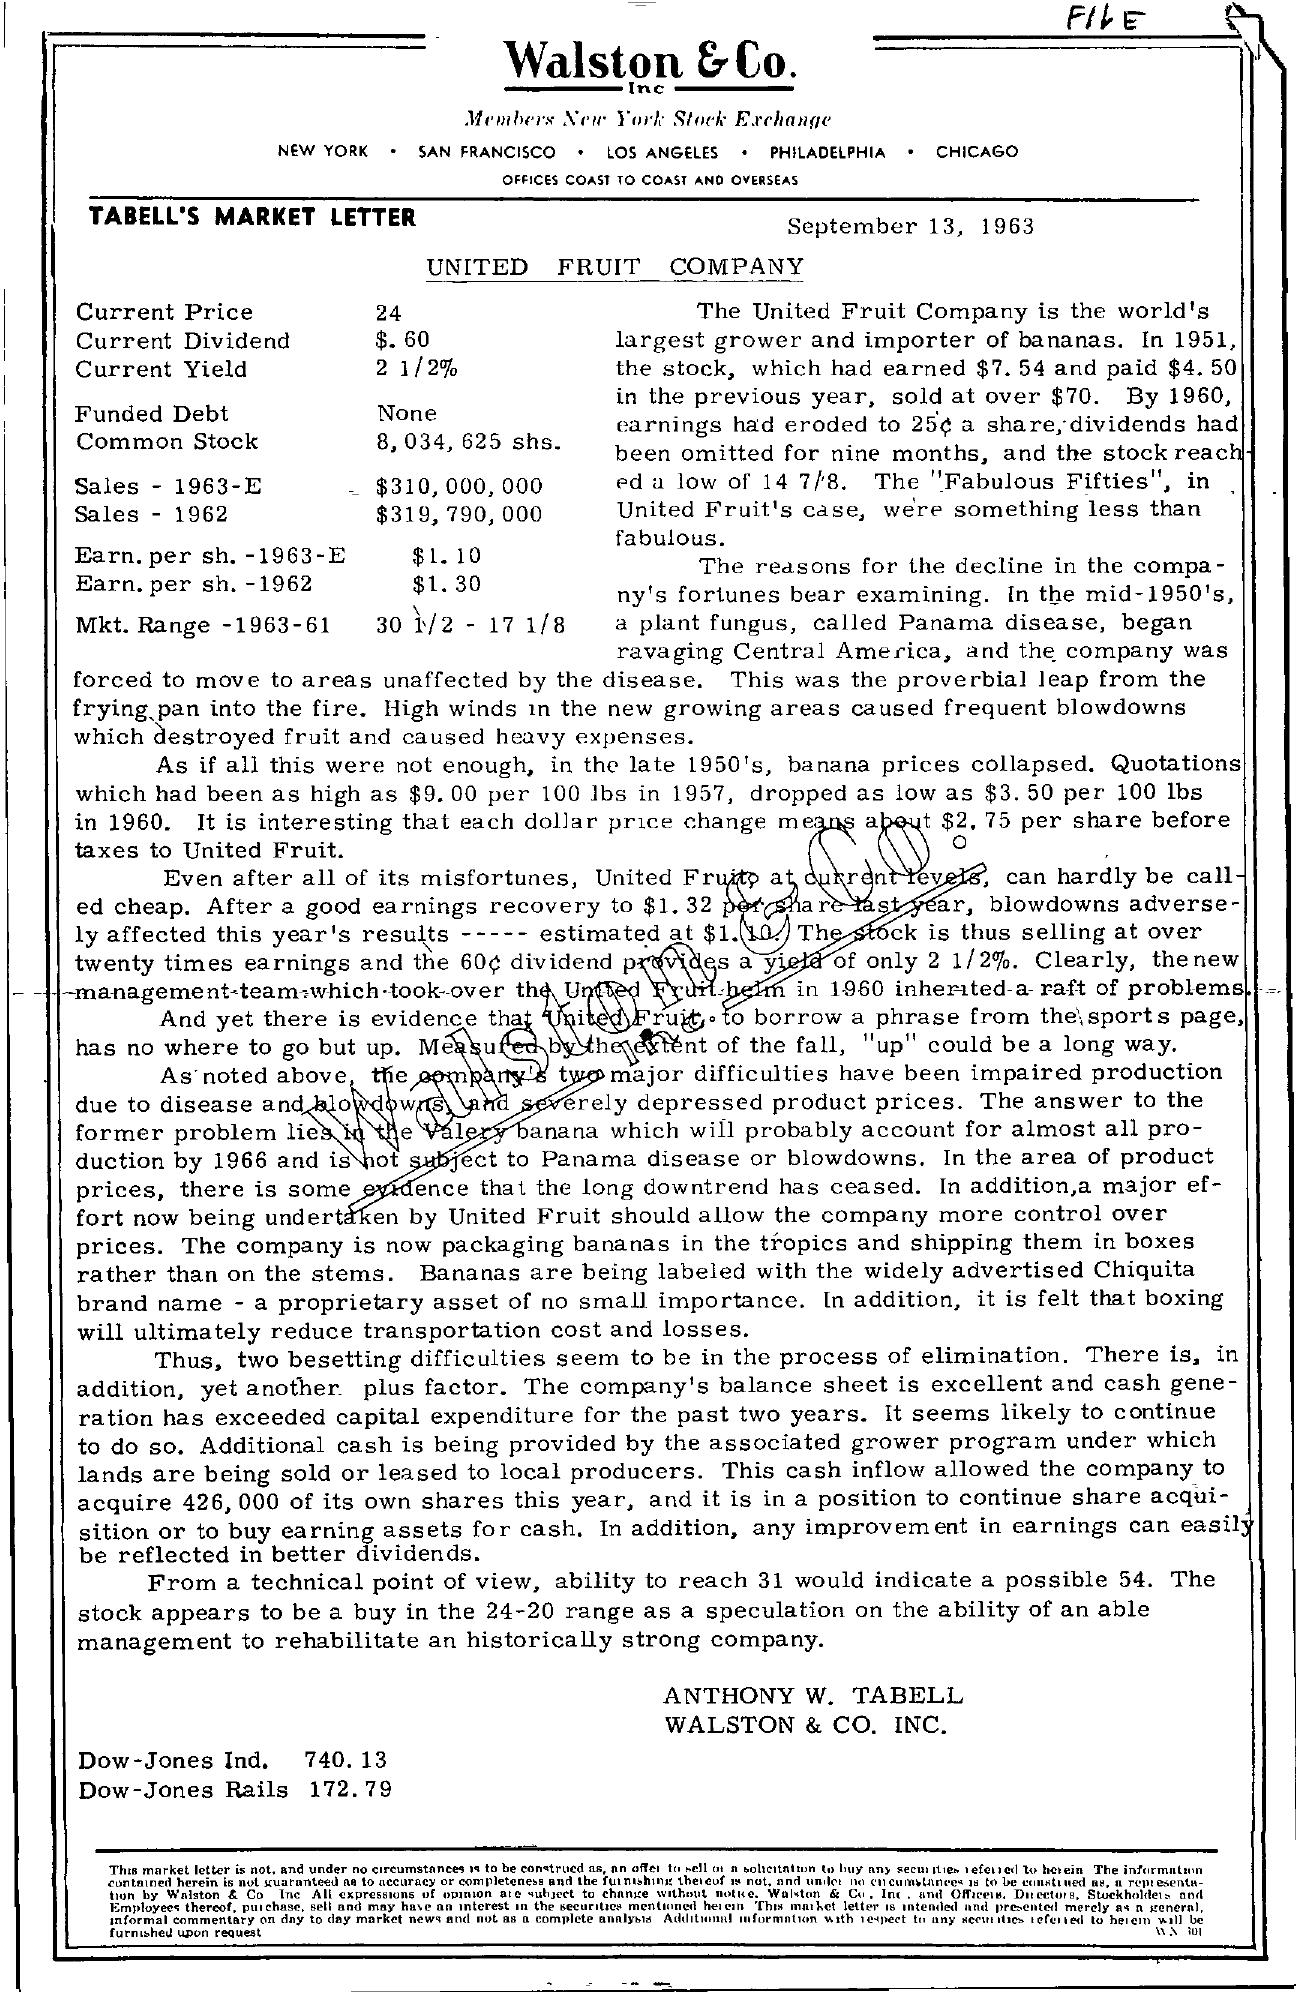 Tabell's Market Letter - September 13, 1963